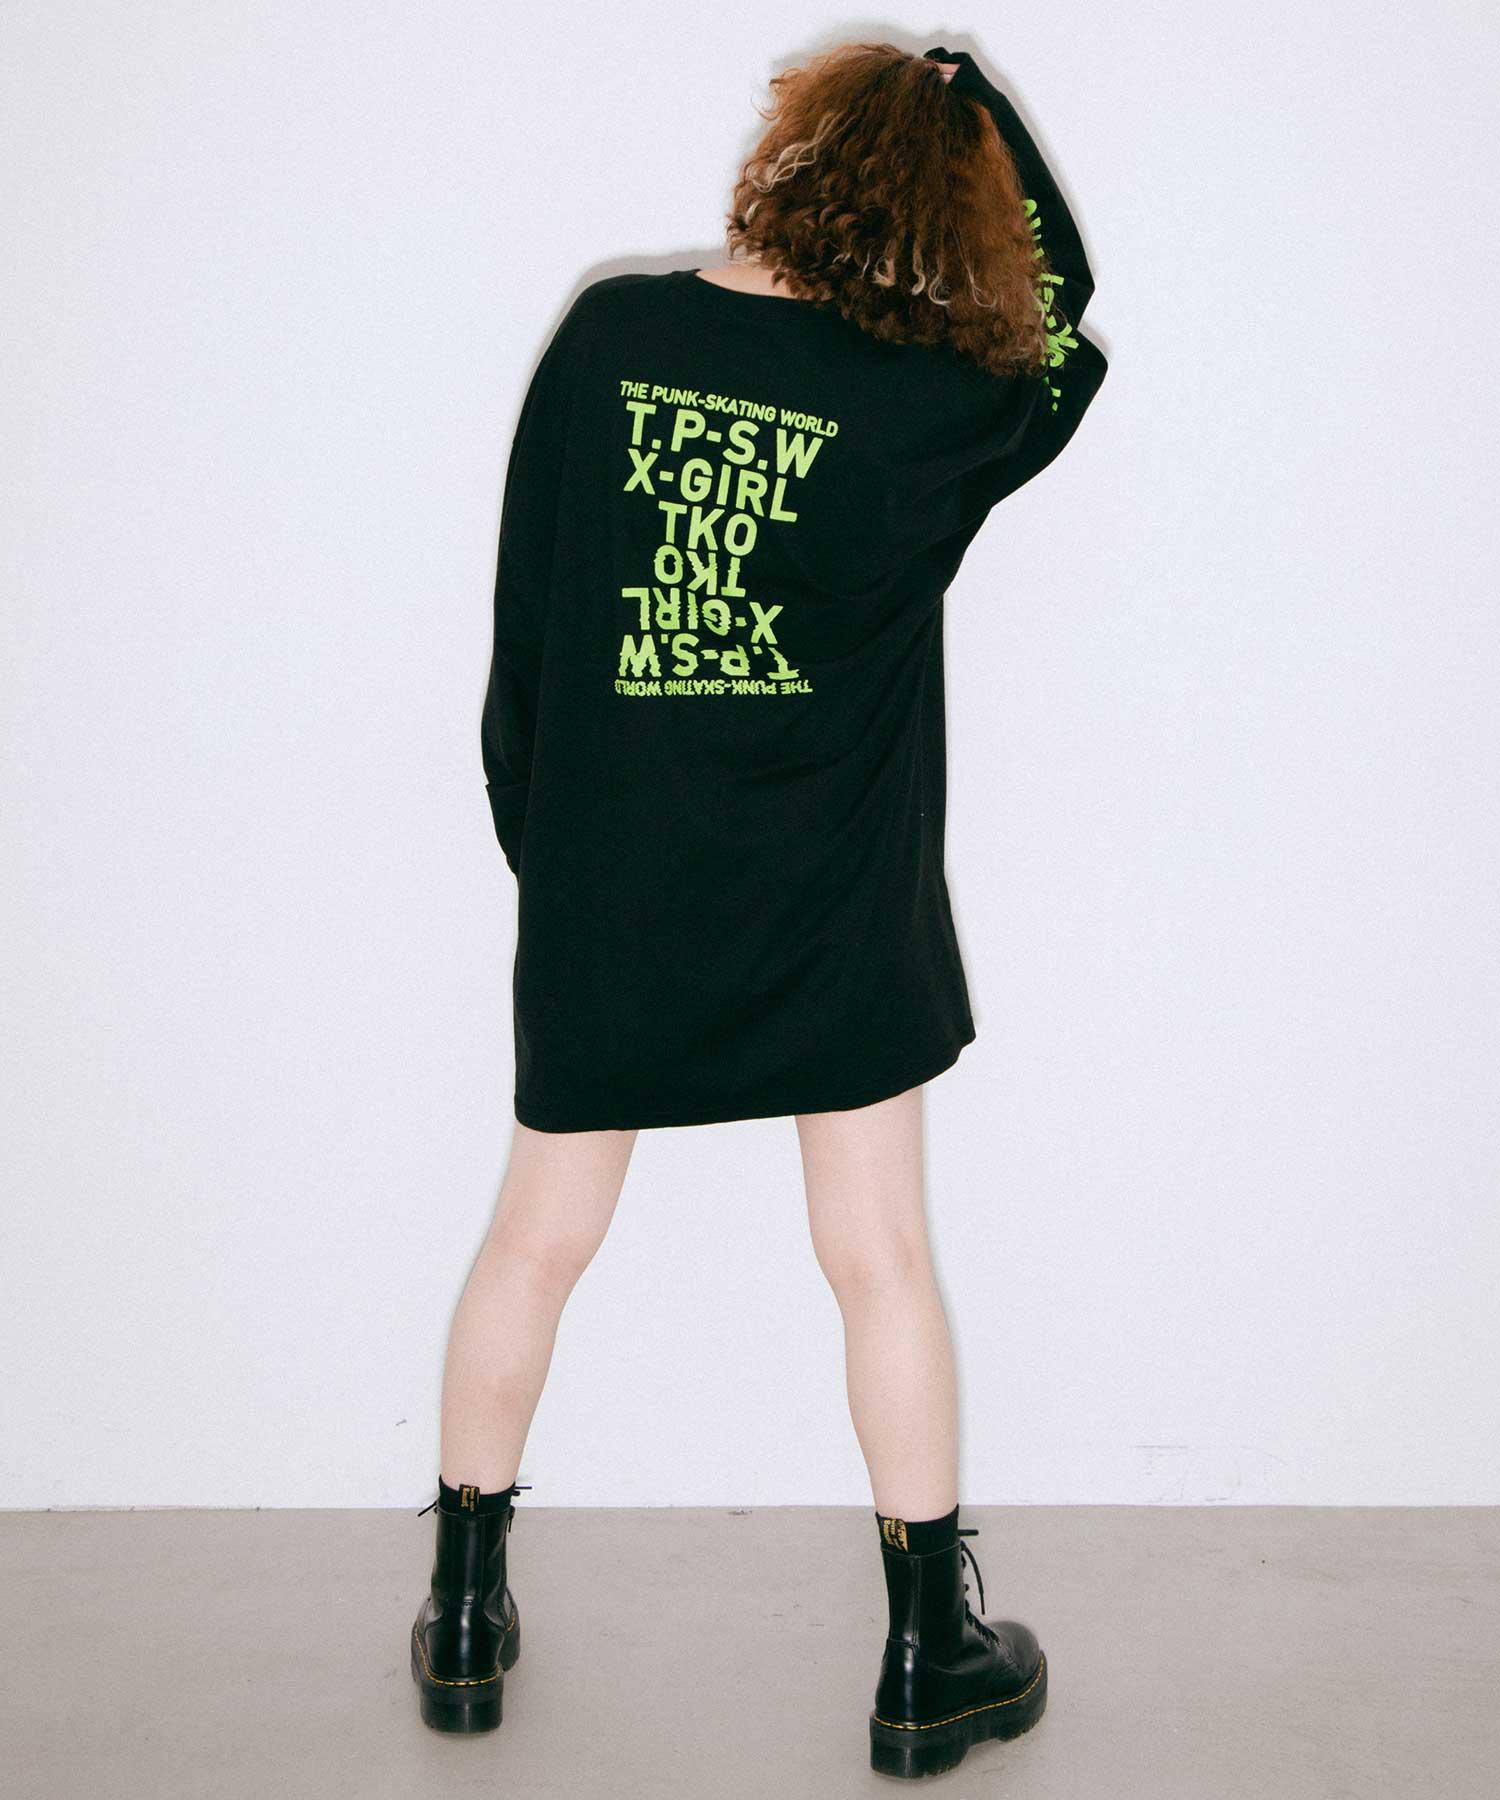 【公式】X-girlエックスガールT.P.S.WL/STEEDRESSワンピースカットワンピースTEEワンピワンピ刺繍ロゴロンTレディース